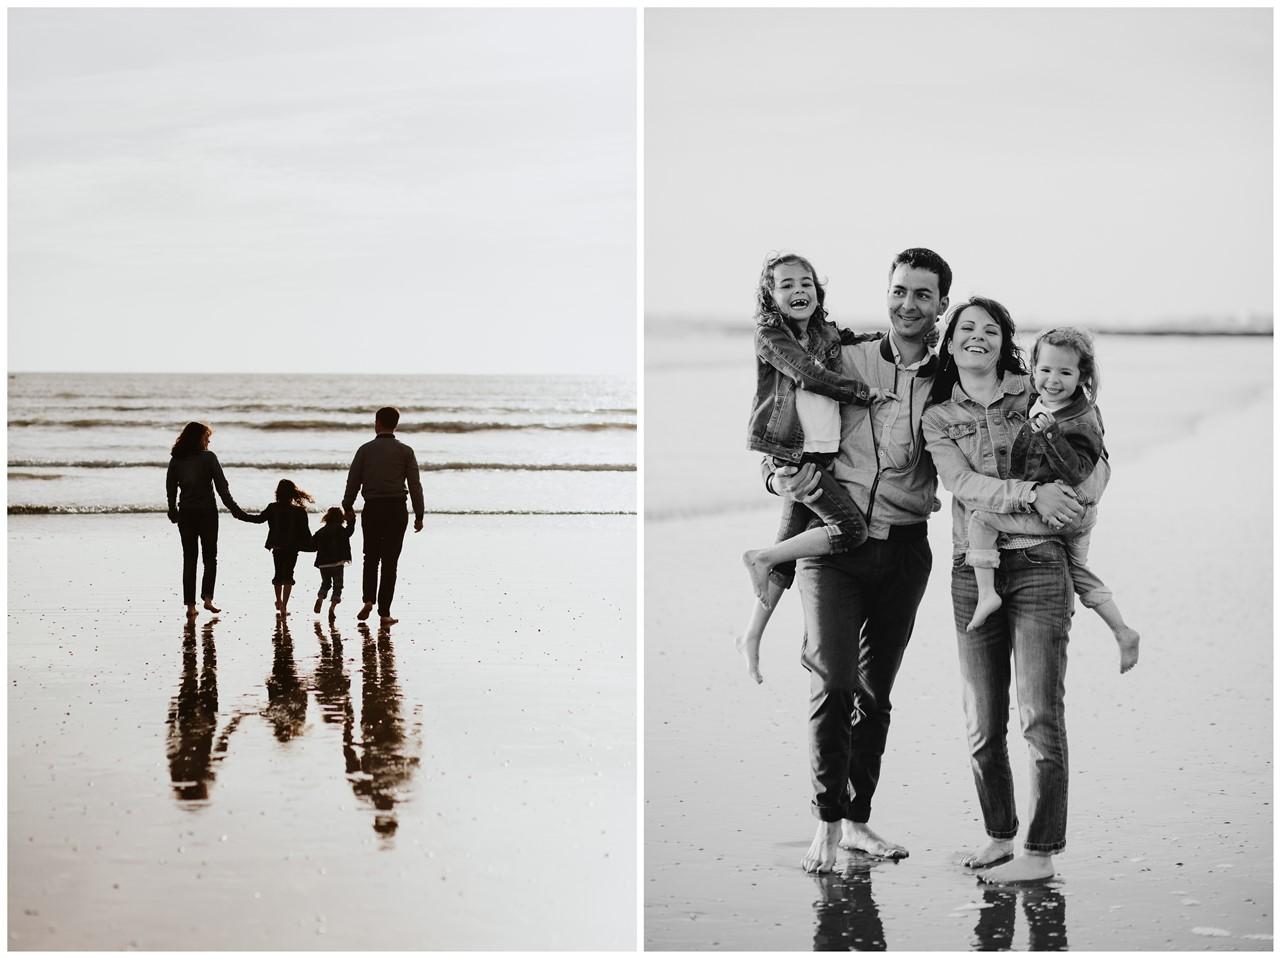 séance famille plage mer pornic portraits parents enfants contre jour